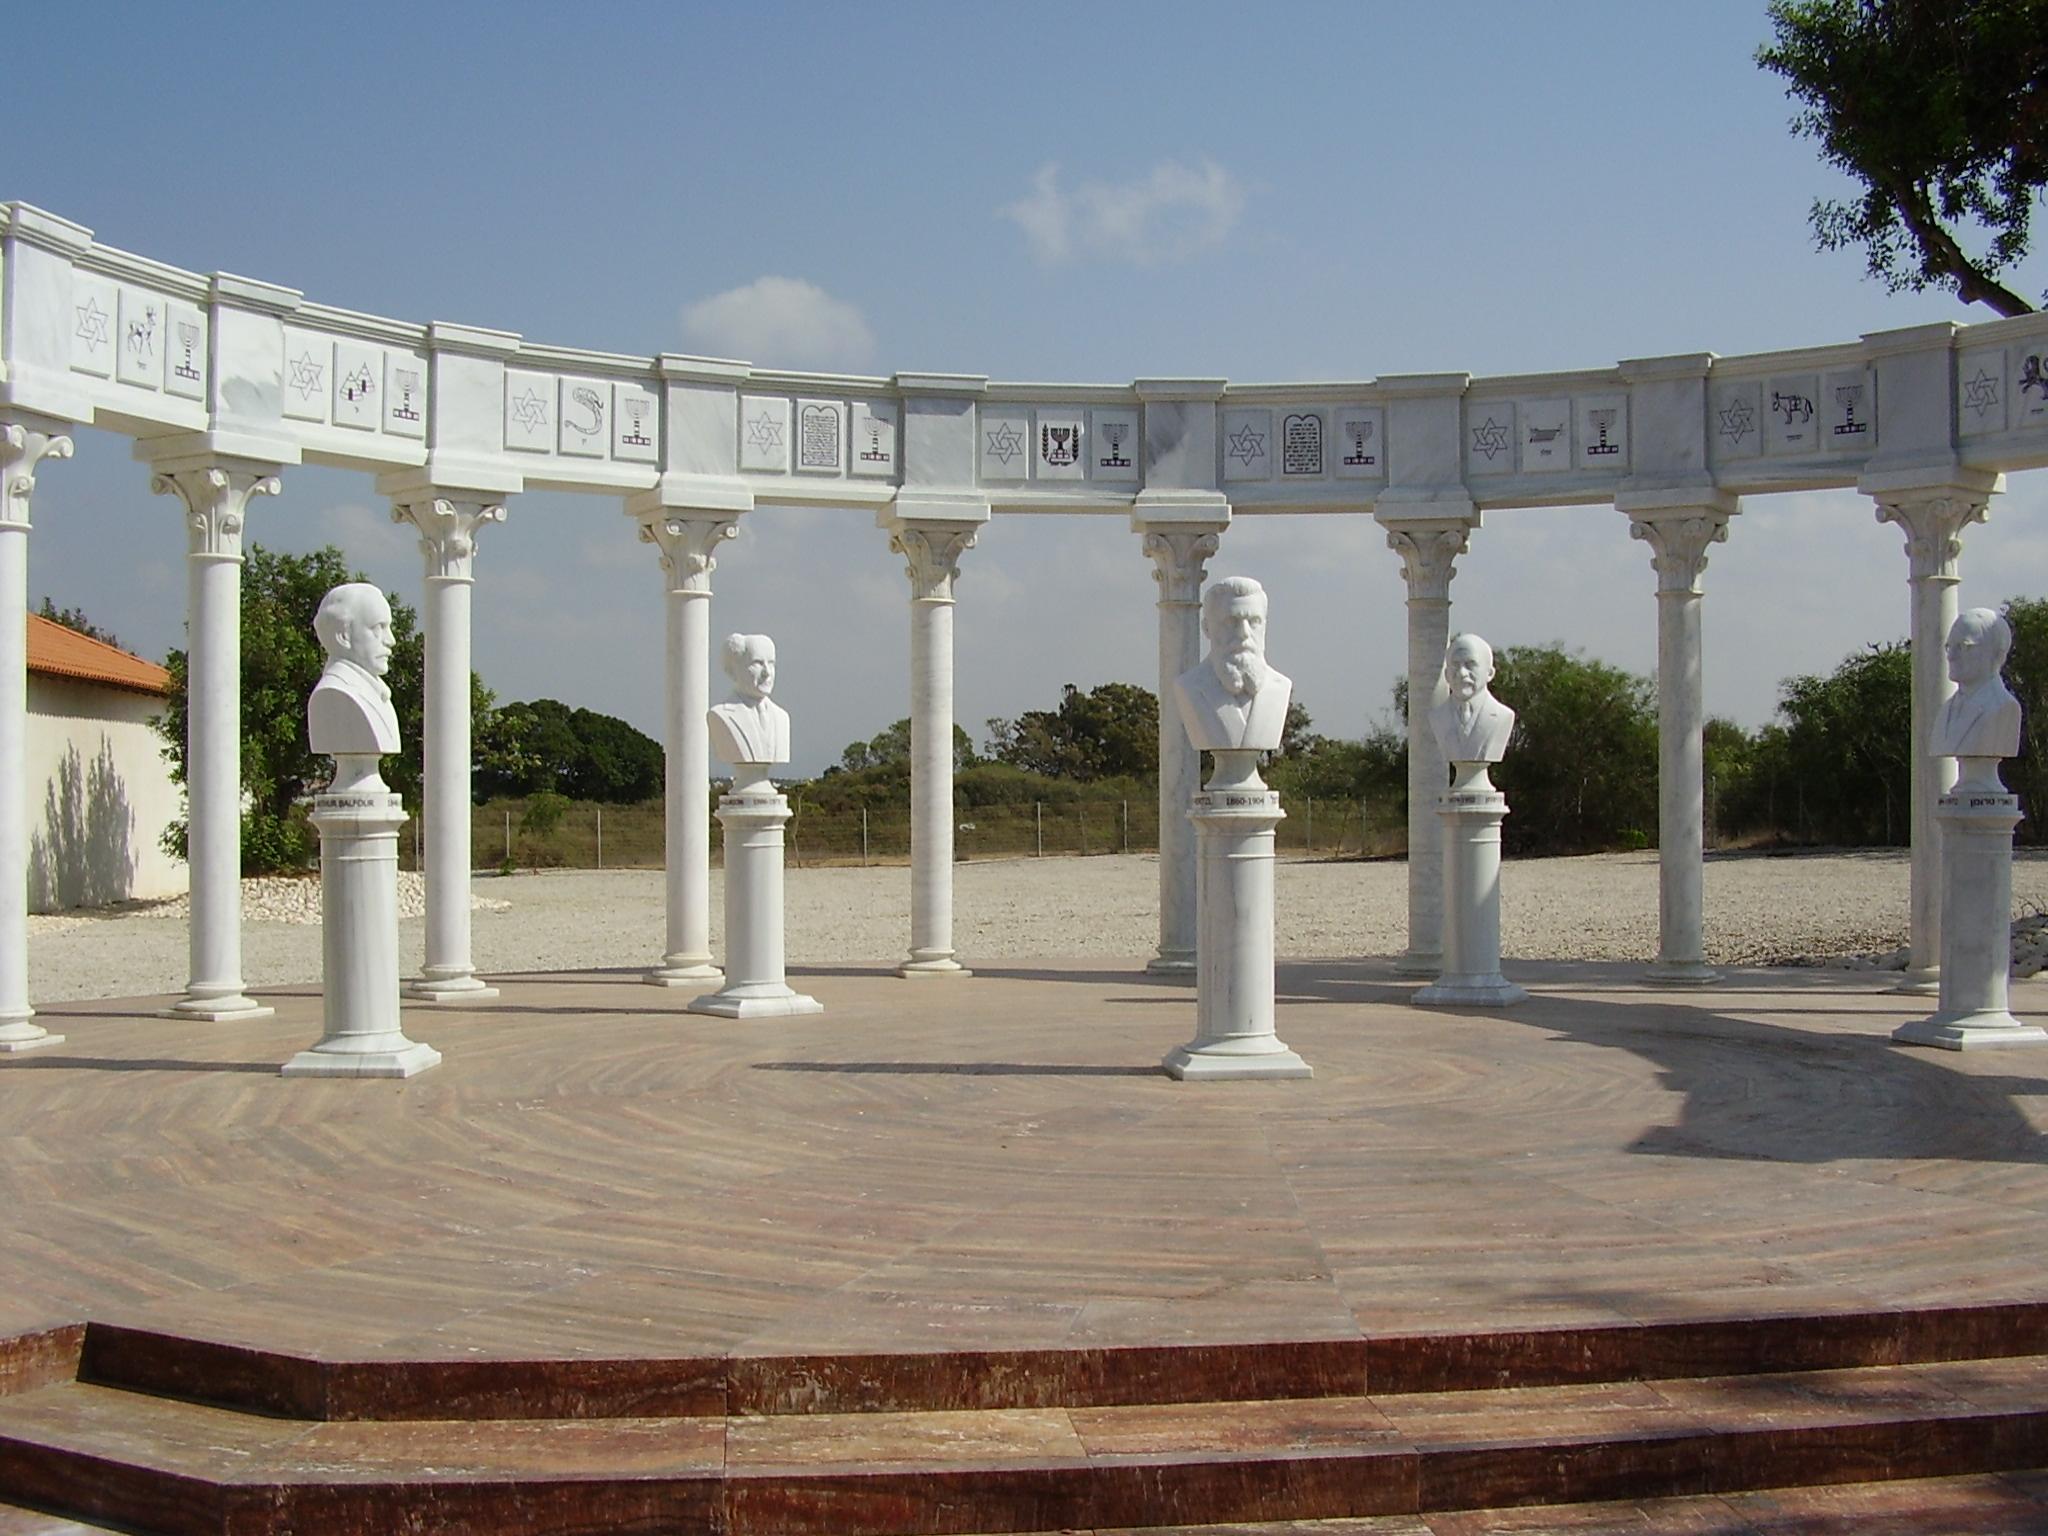 מוזיאון ראלי 2 בקיסריה